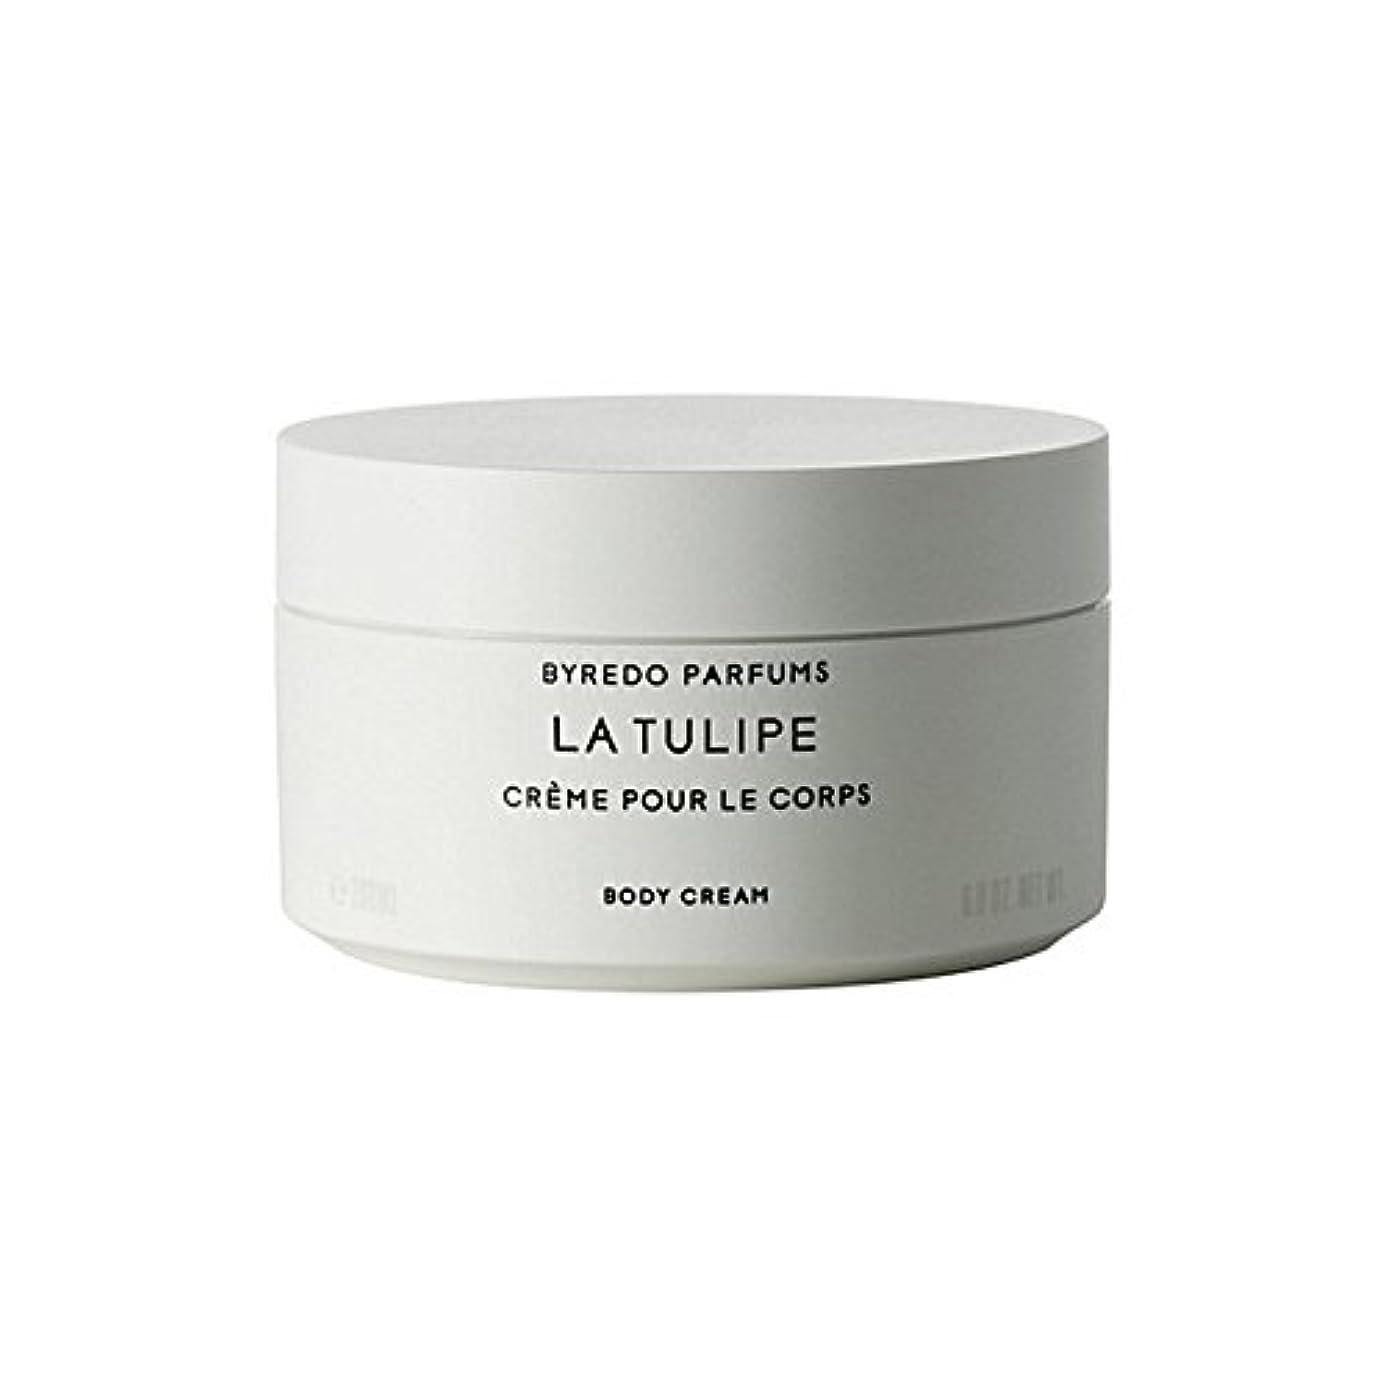 マーベル突撃海軍Byredo La Tulipe Body Cream 200ml - ラチューリップボディクリーム200ミリリットル [並行輸入品]